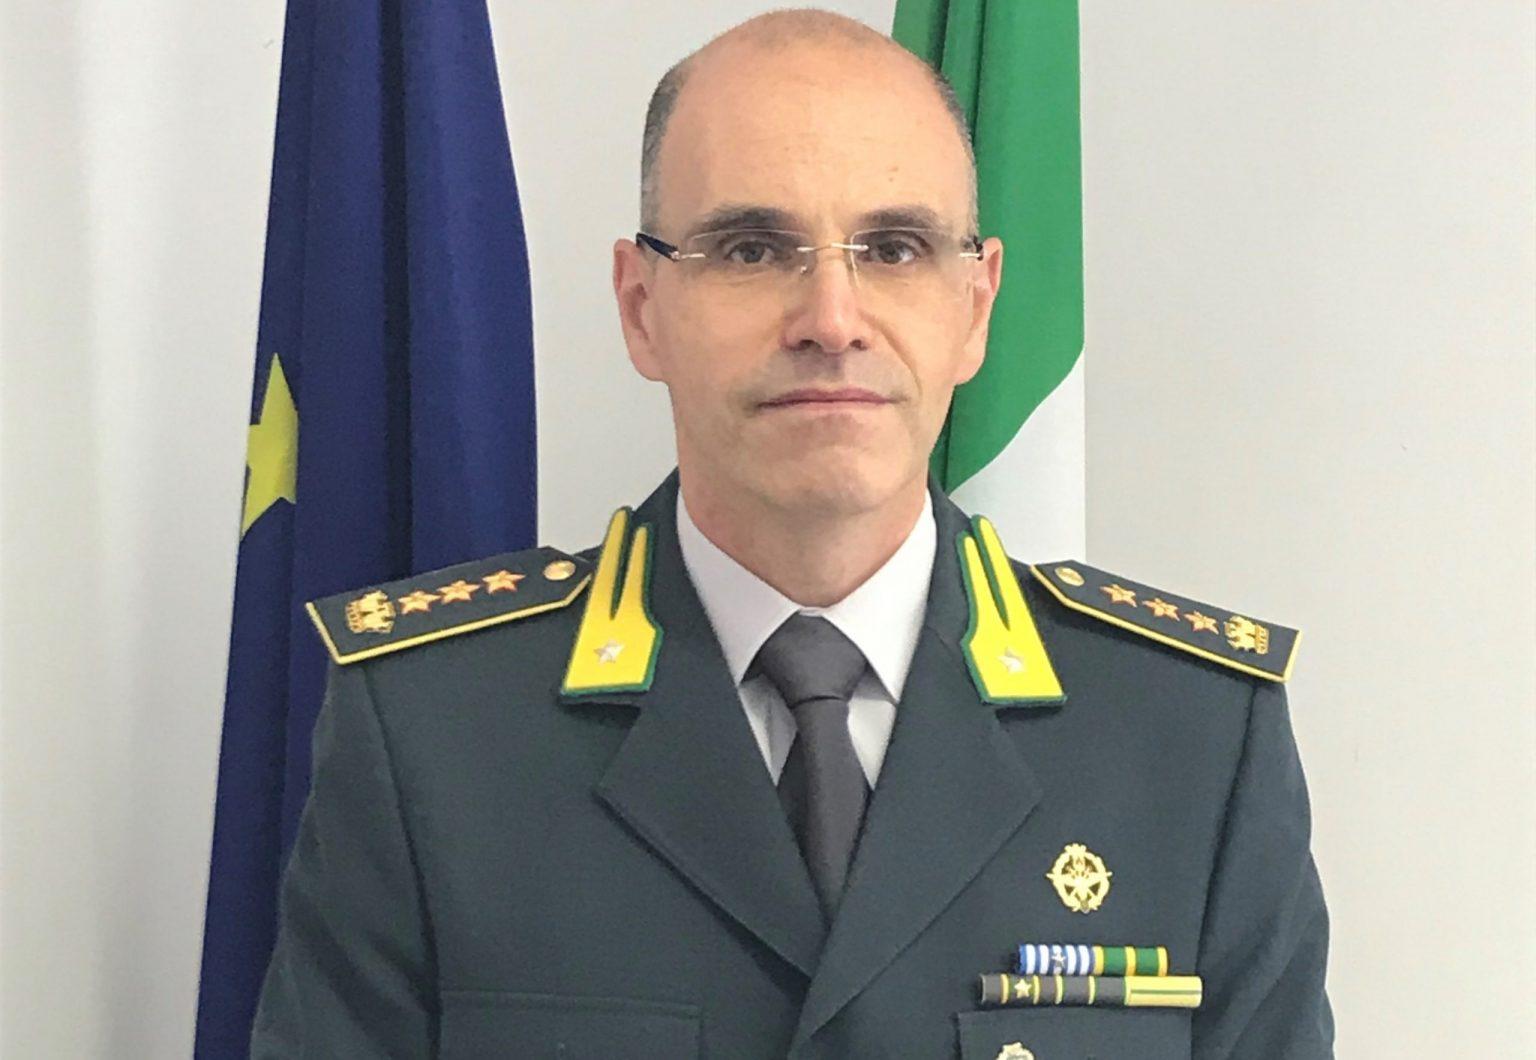 Il colonnello Michele Onorato di Padula è il comandante provinciale della Gdf di Potenza